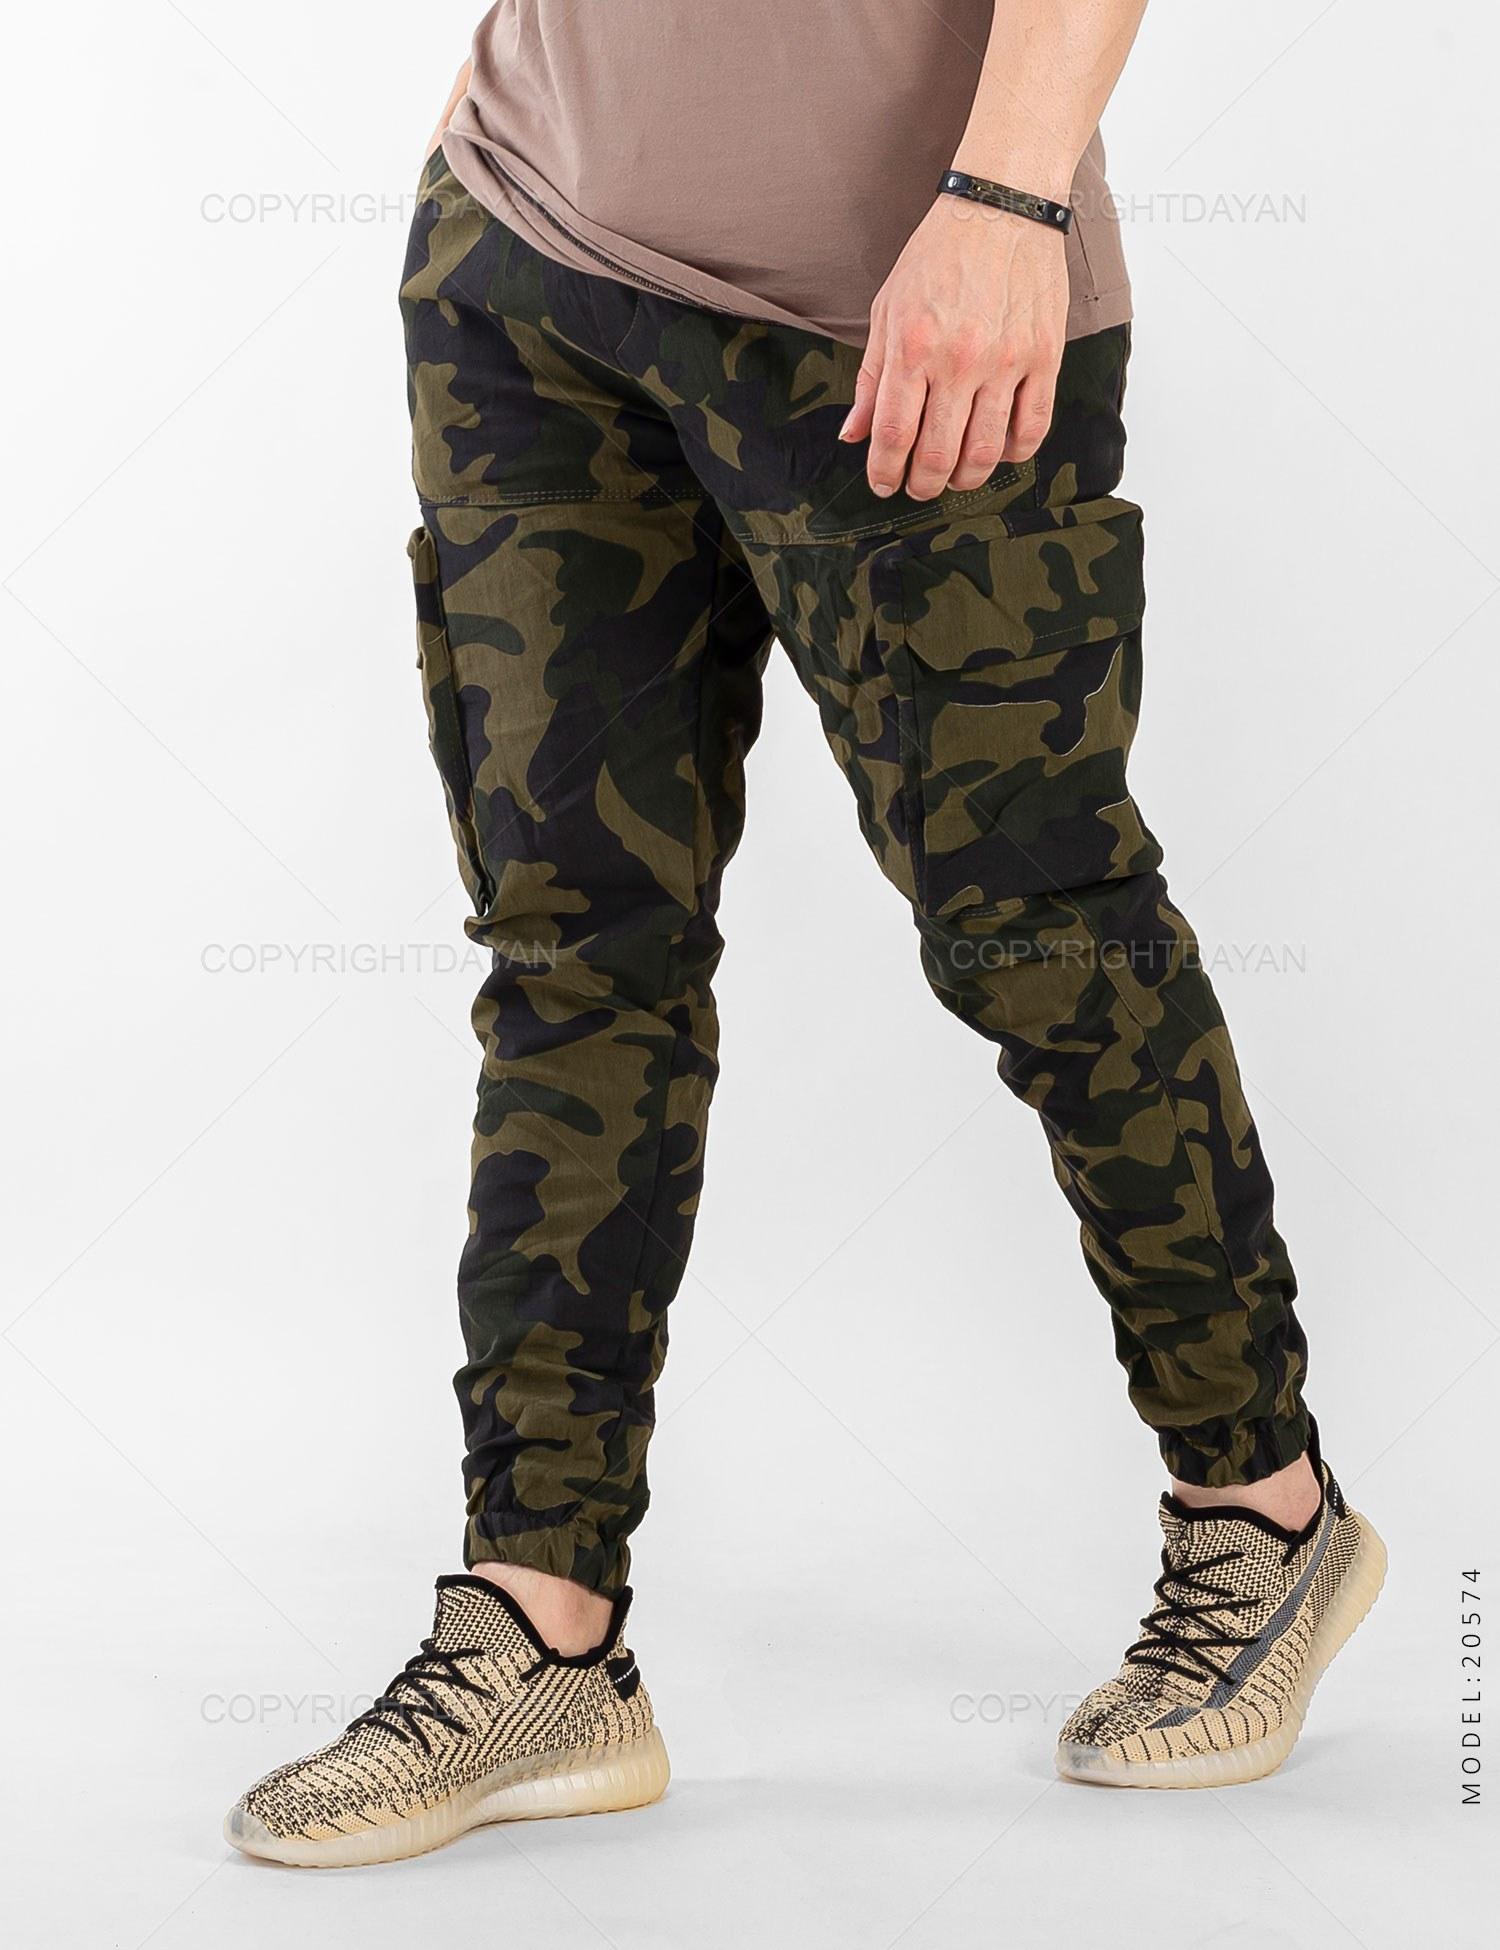 تصویر شلوار اسلش مردانه ارتشی مدل 20574